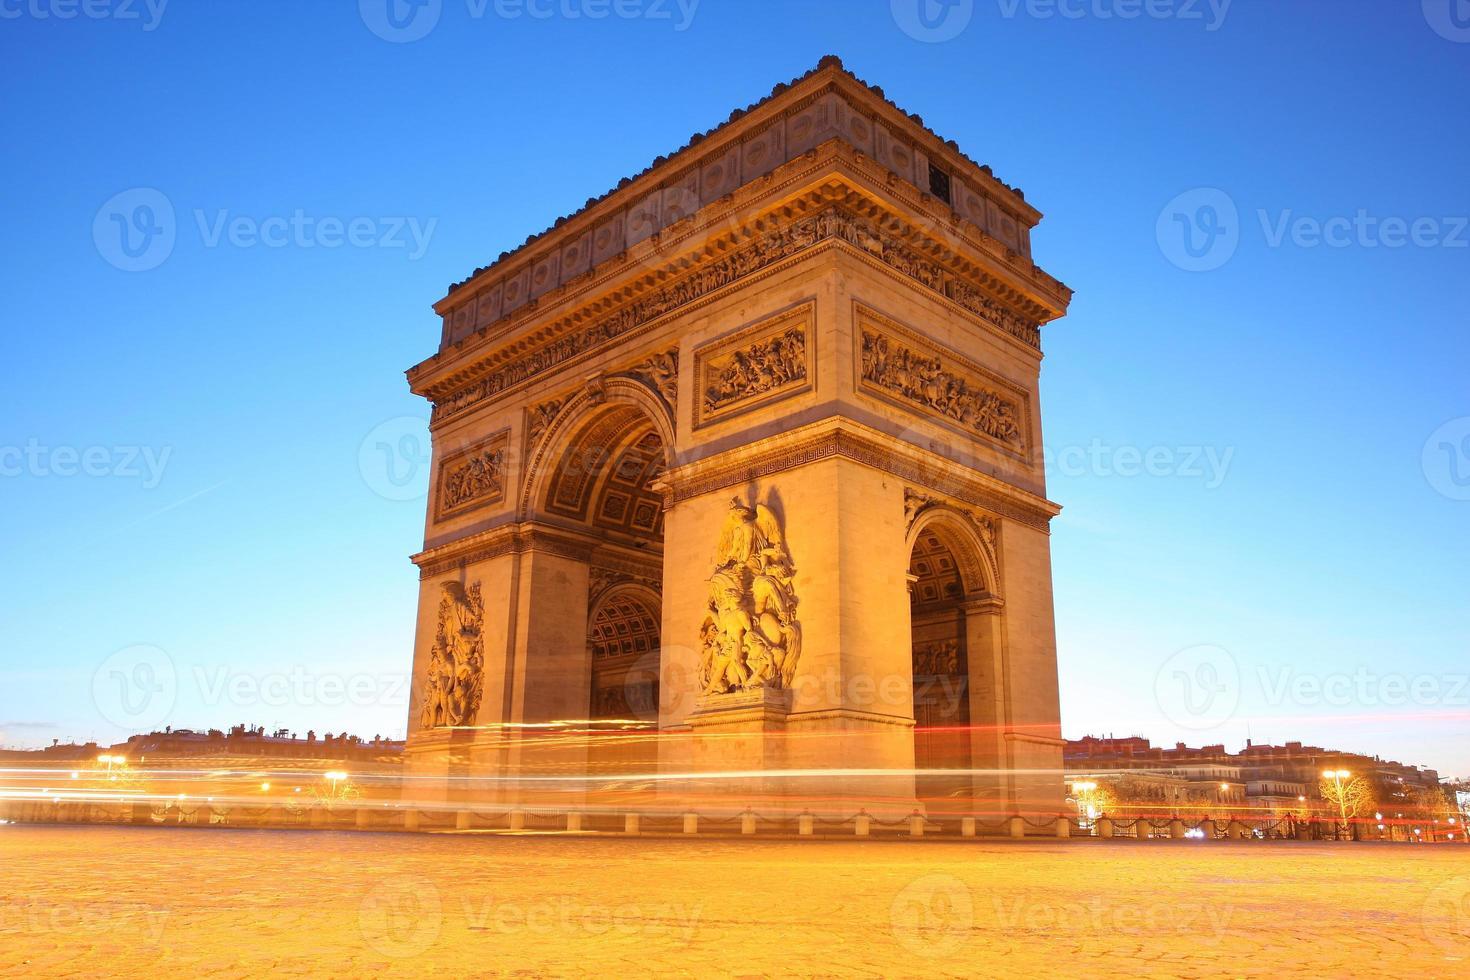 abends berühmter arc de triomphe, paris, frankreich foto